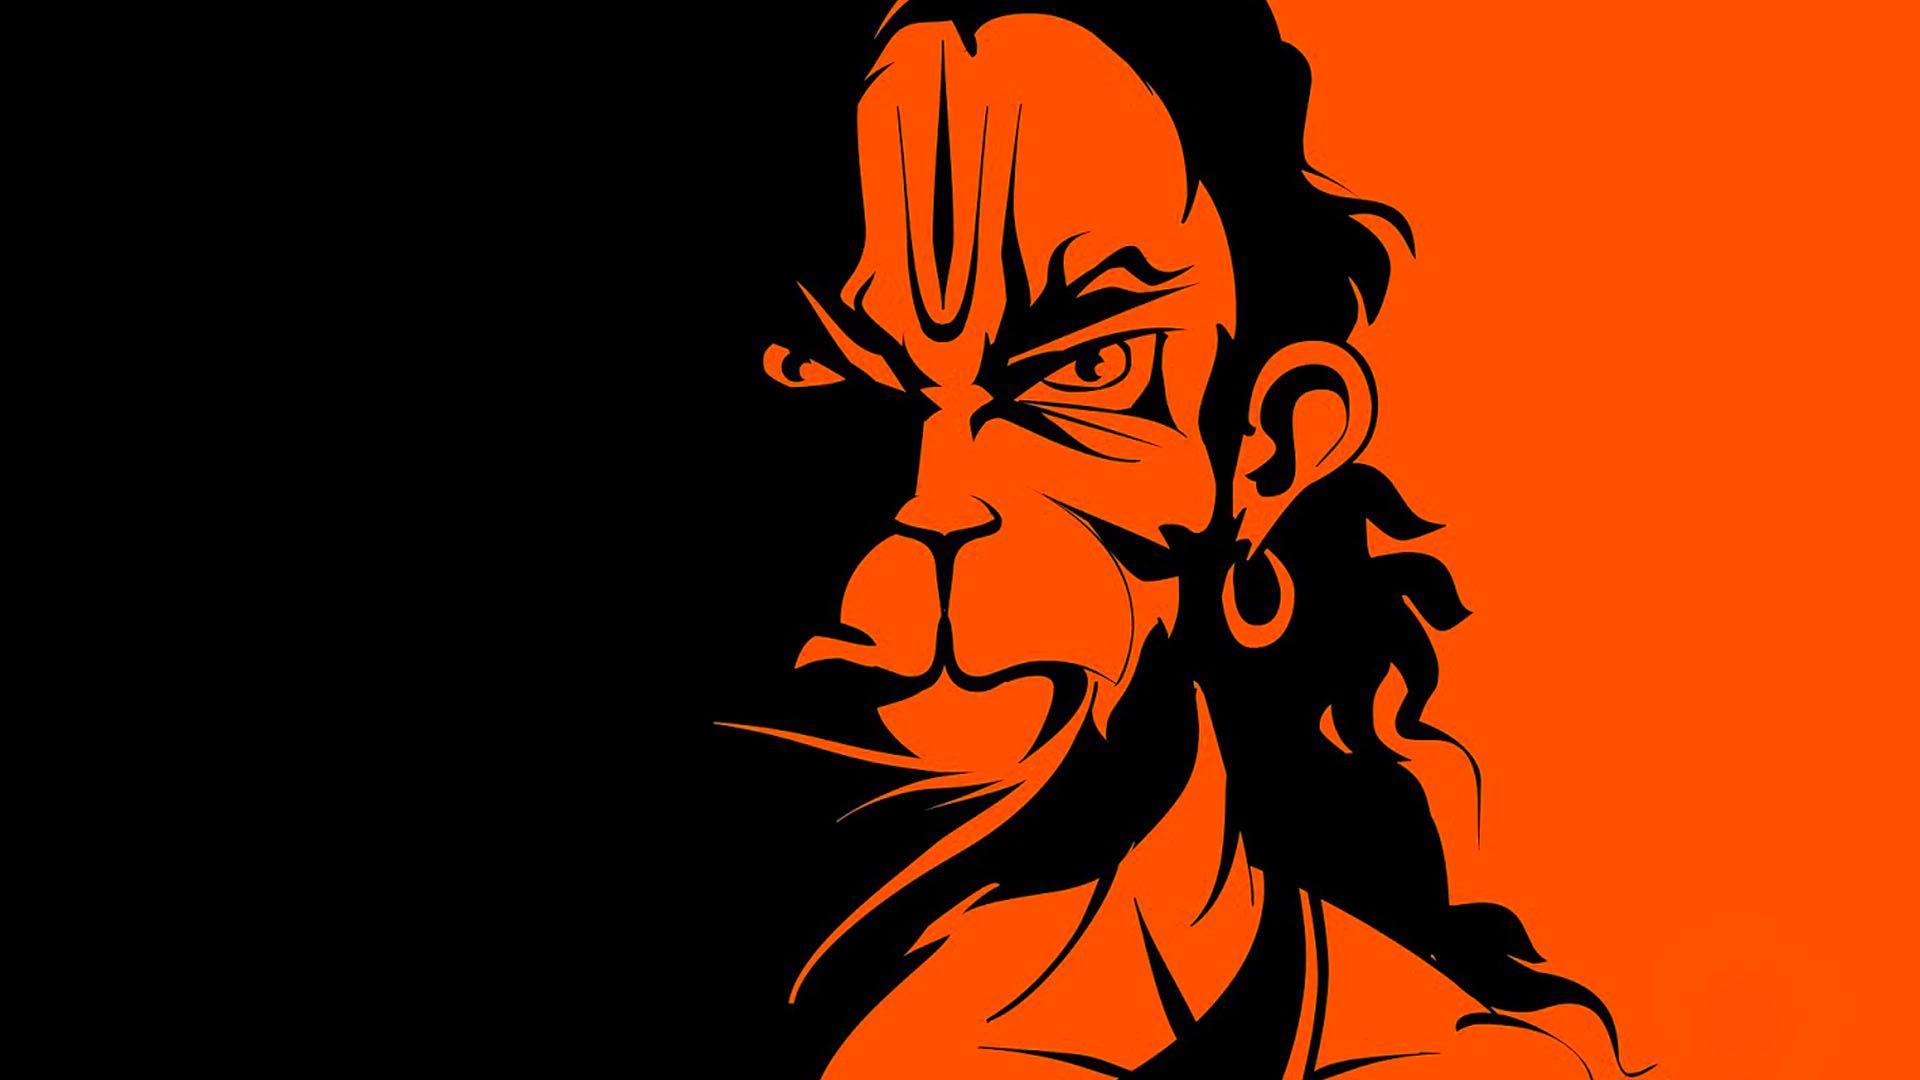 hanumanji vector hanuman ji hanuman jai hanuman indian gods